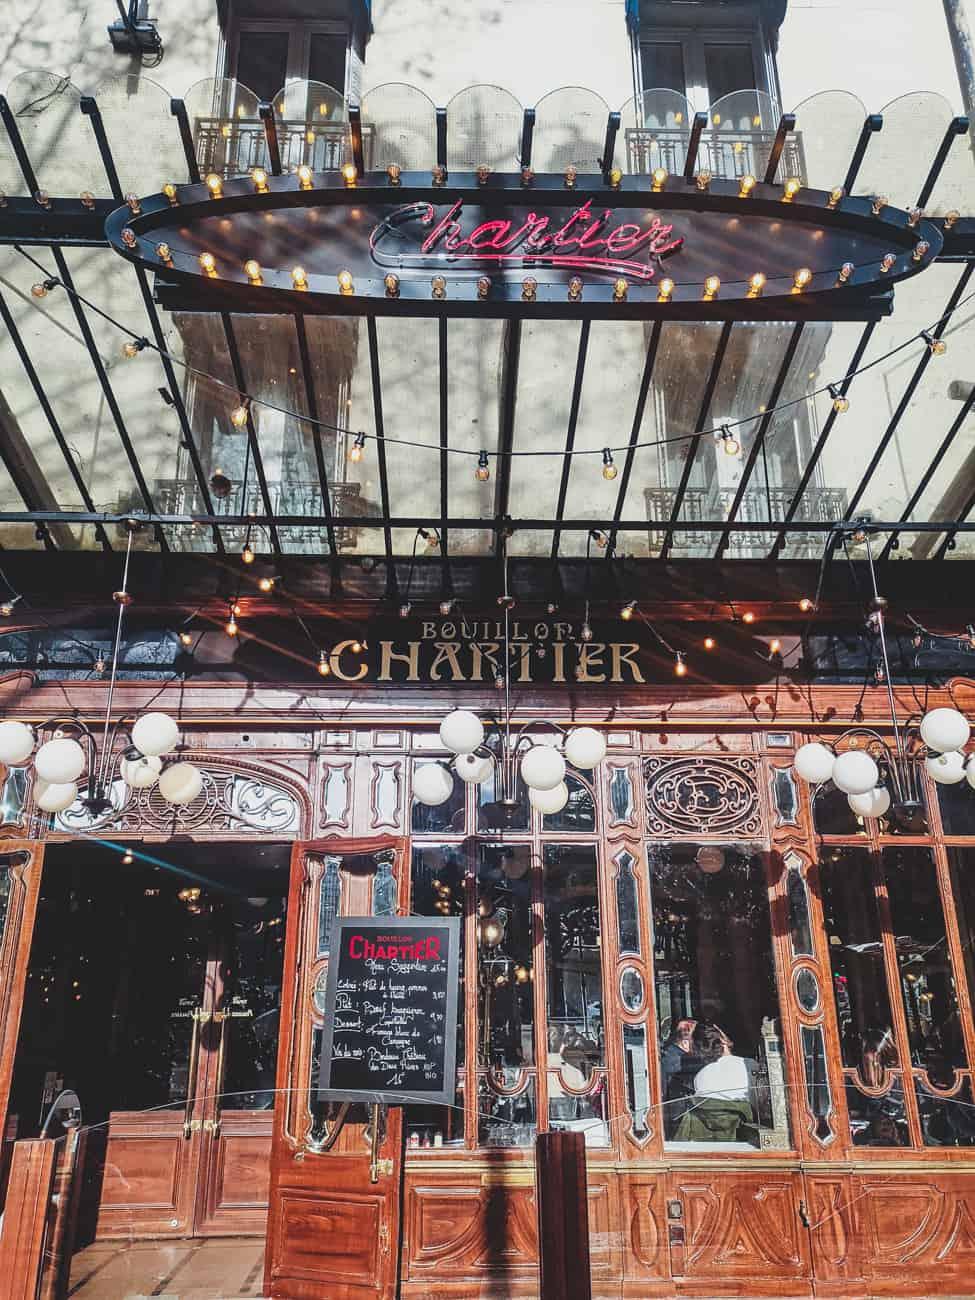 Chartier-bouillon-montparnasse